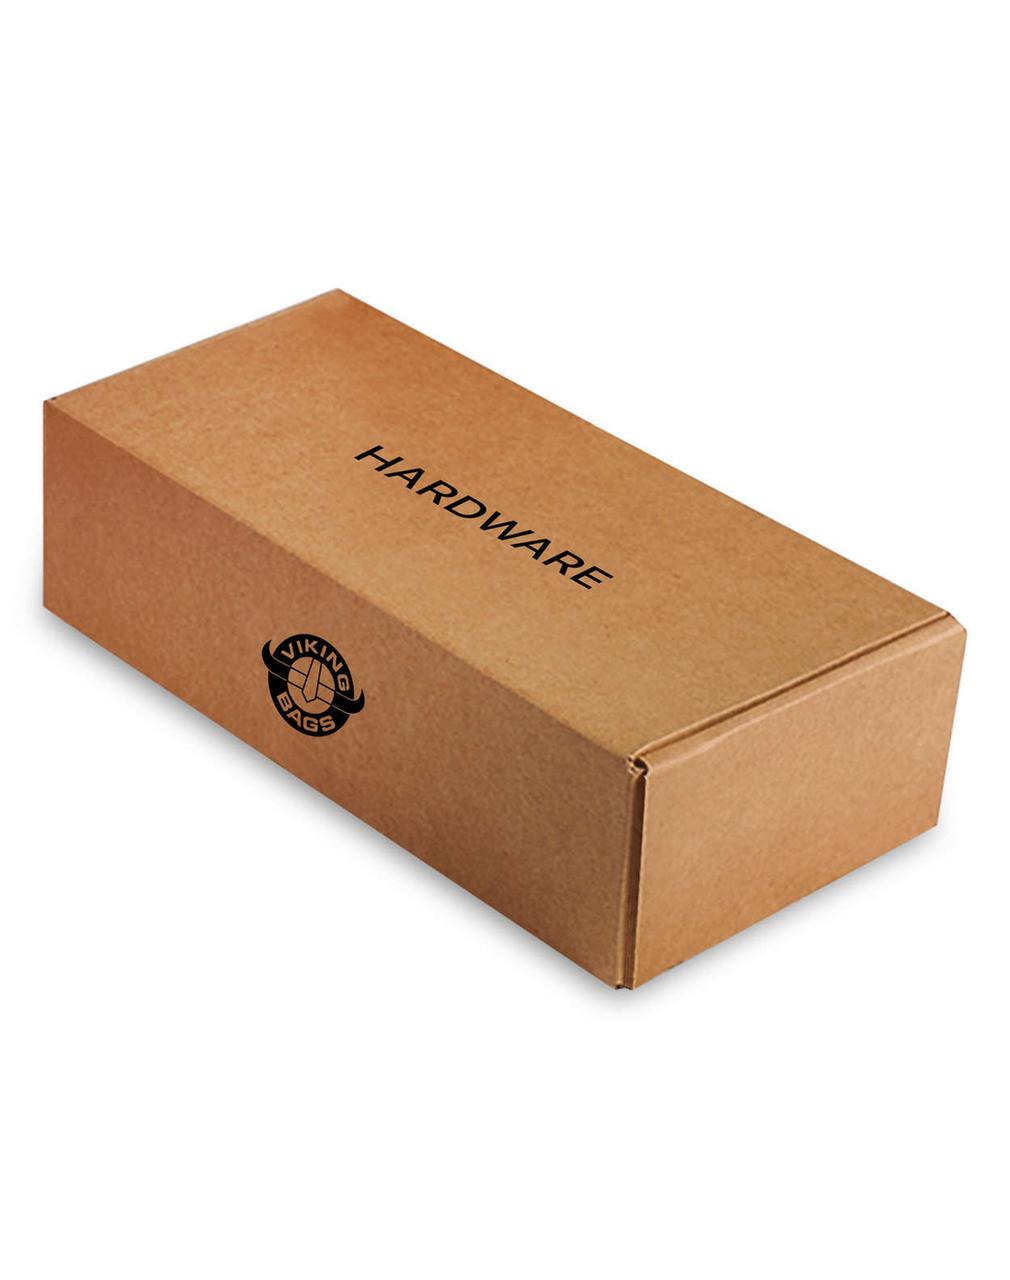 Honda VF750C Magna 750 Viking Lamellar Extra Large Leather Covered Hard Saddlebags box